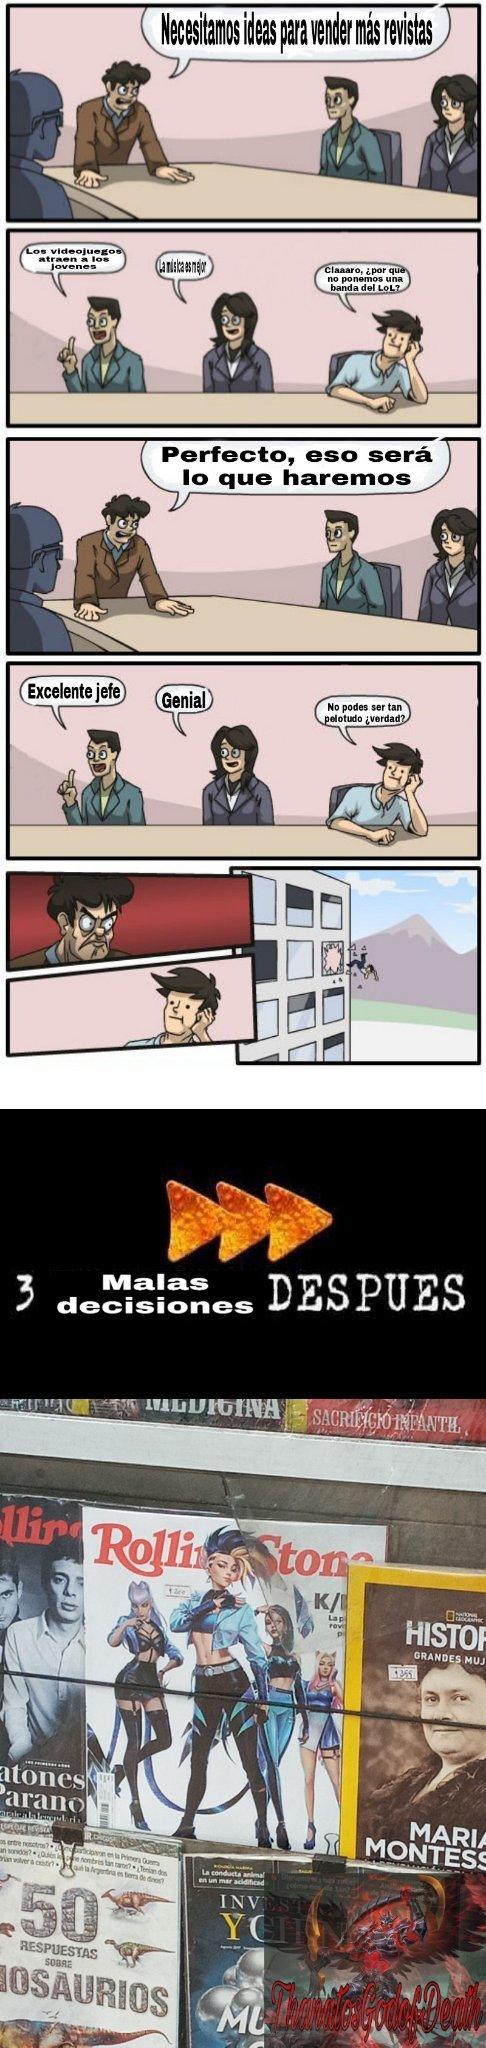 Usen el zoom infinito - meme